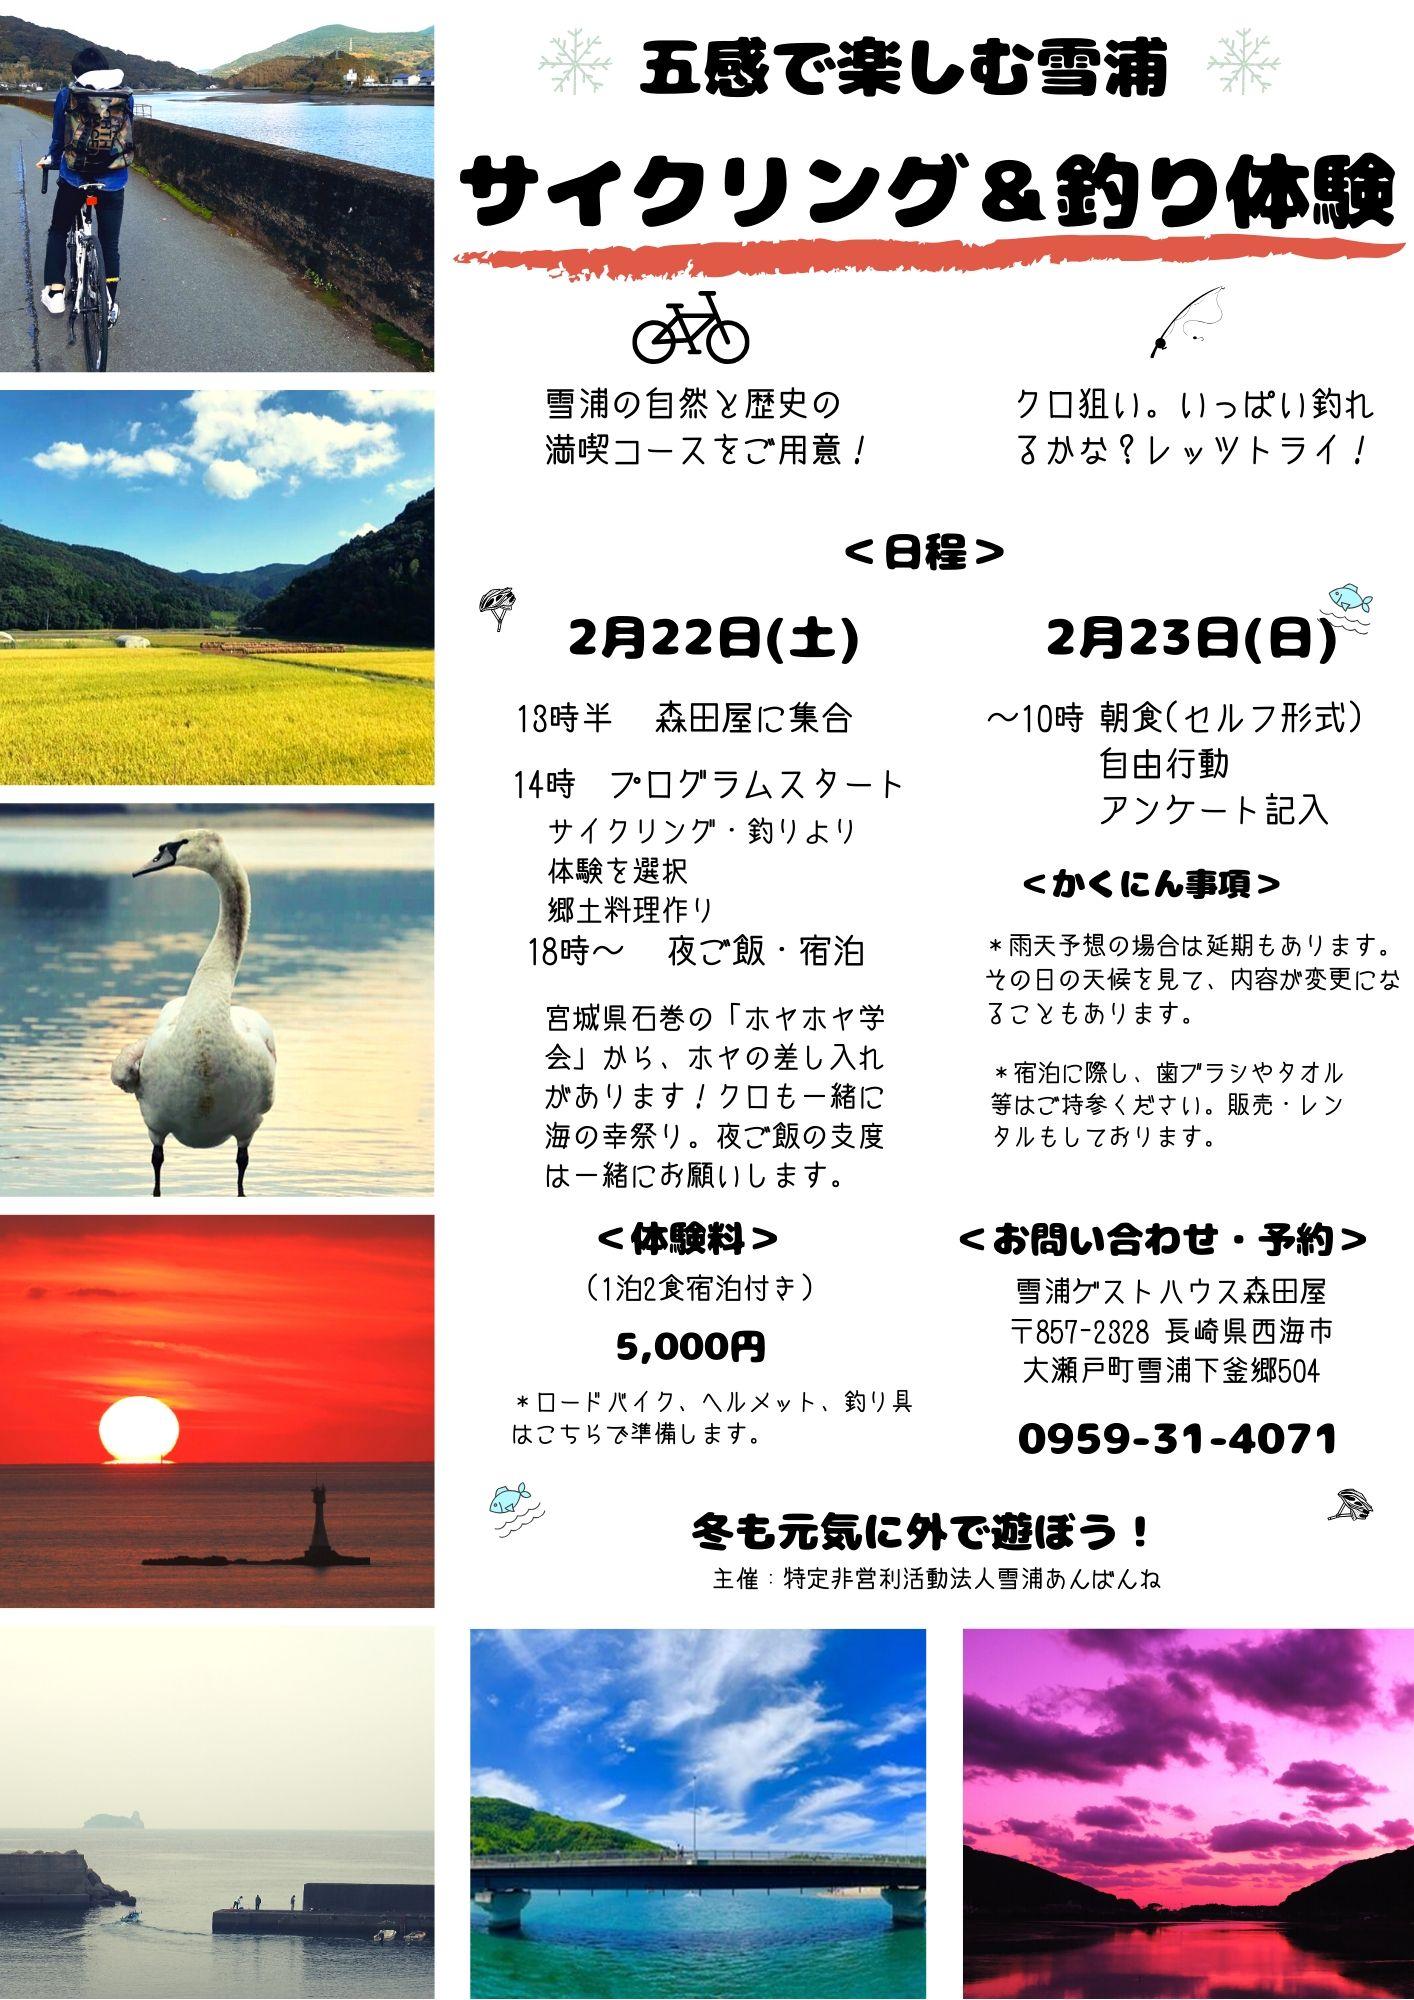 【サイクリング&釣り体験】モニターツアーのお知らせ